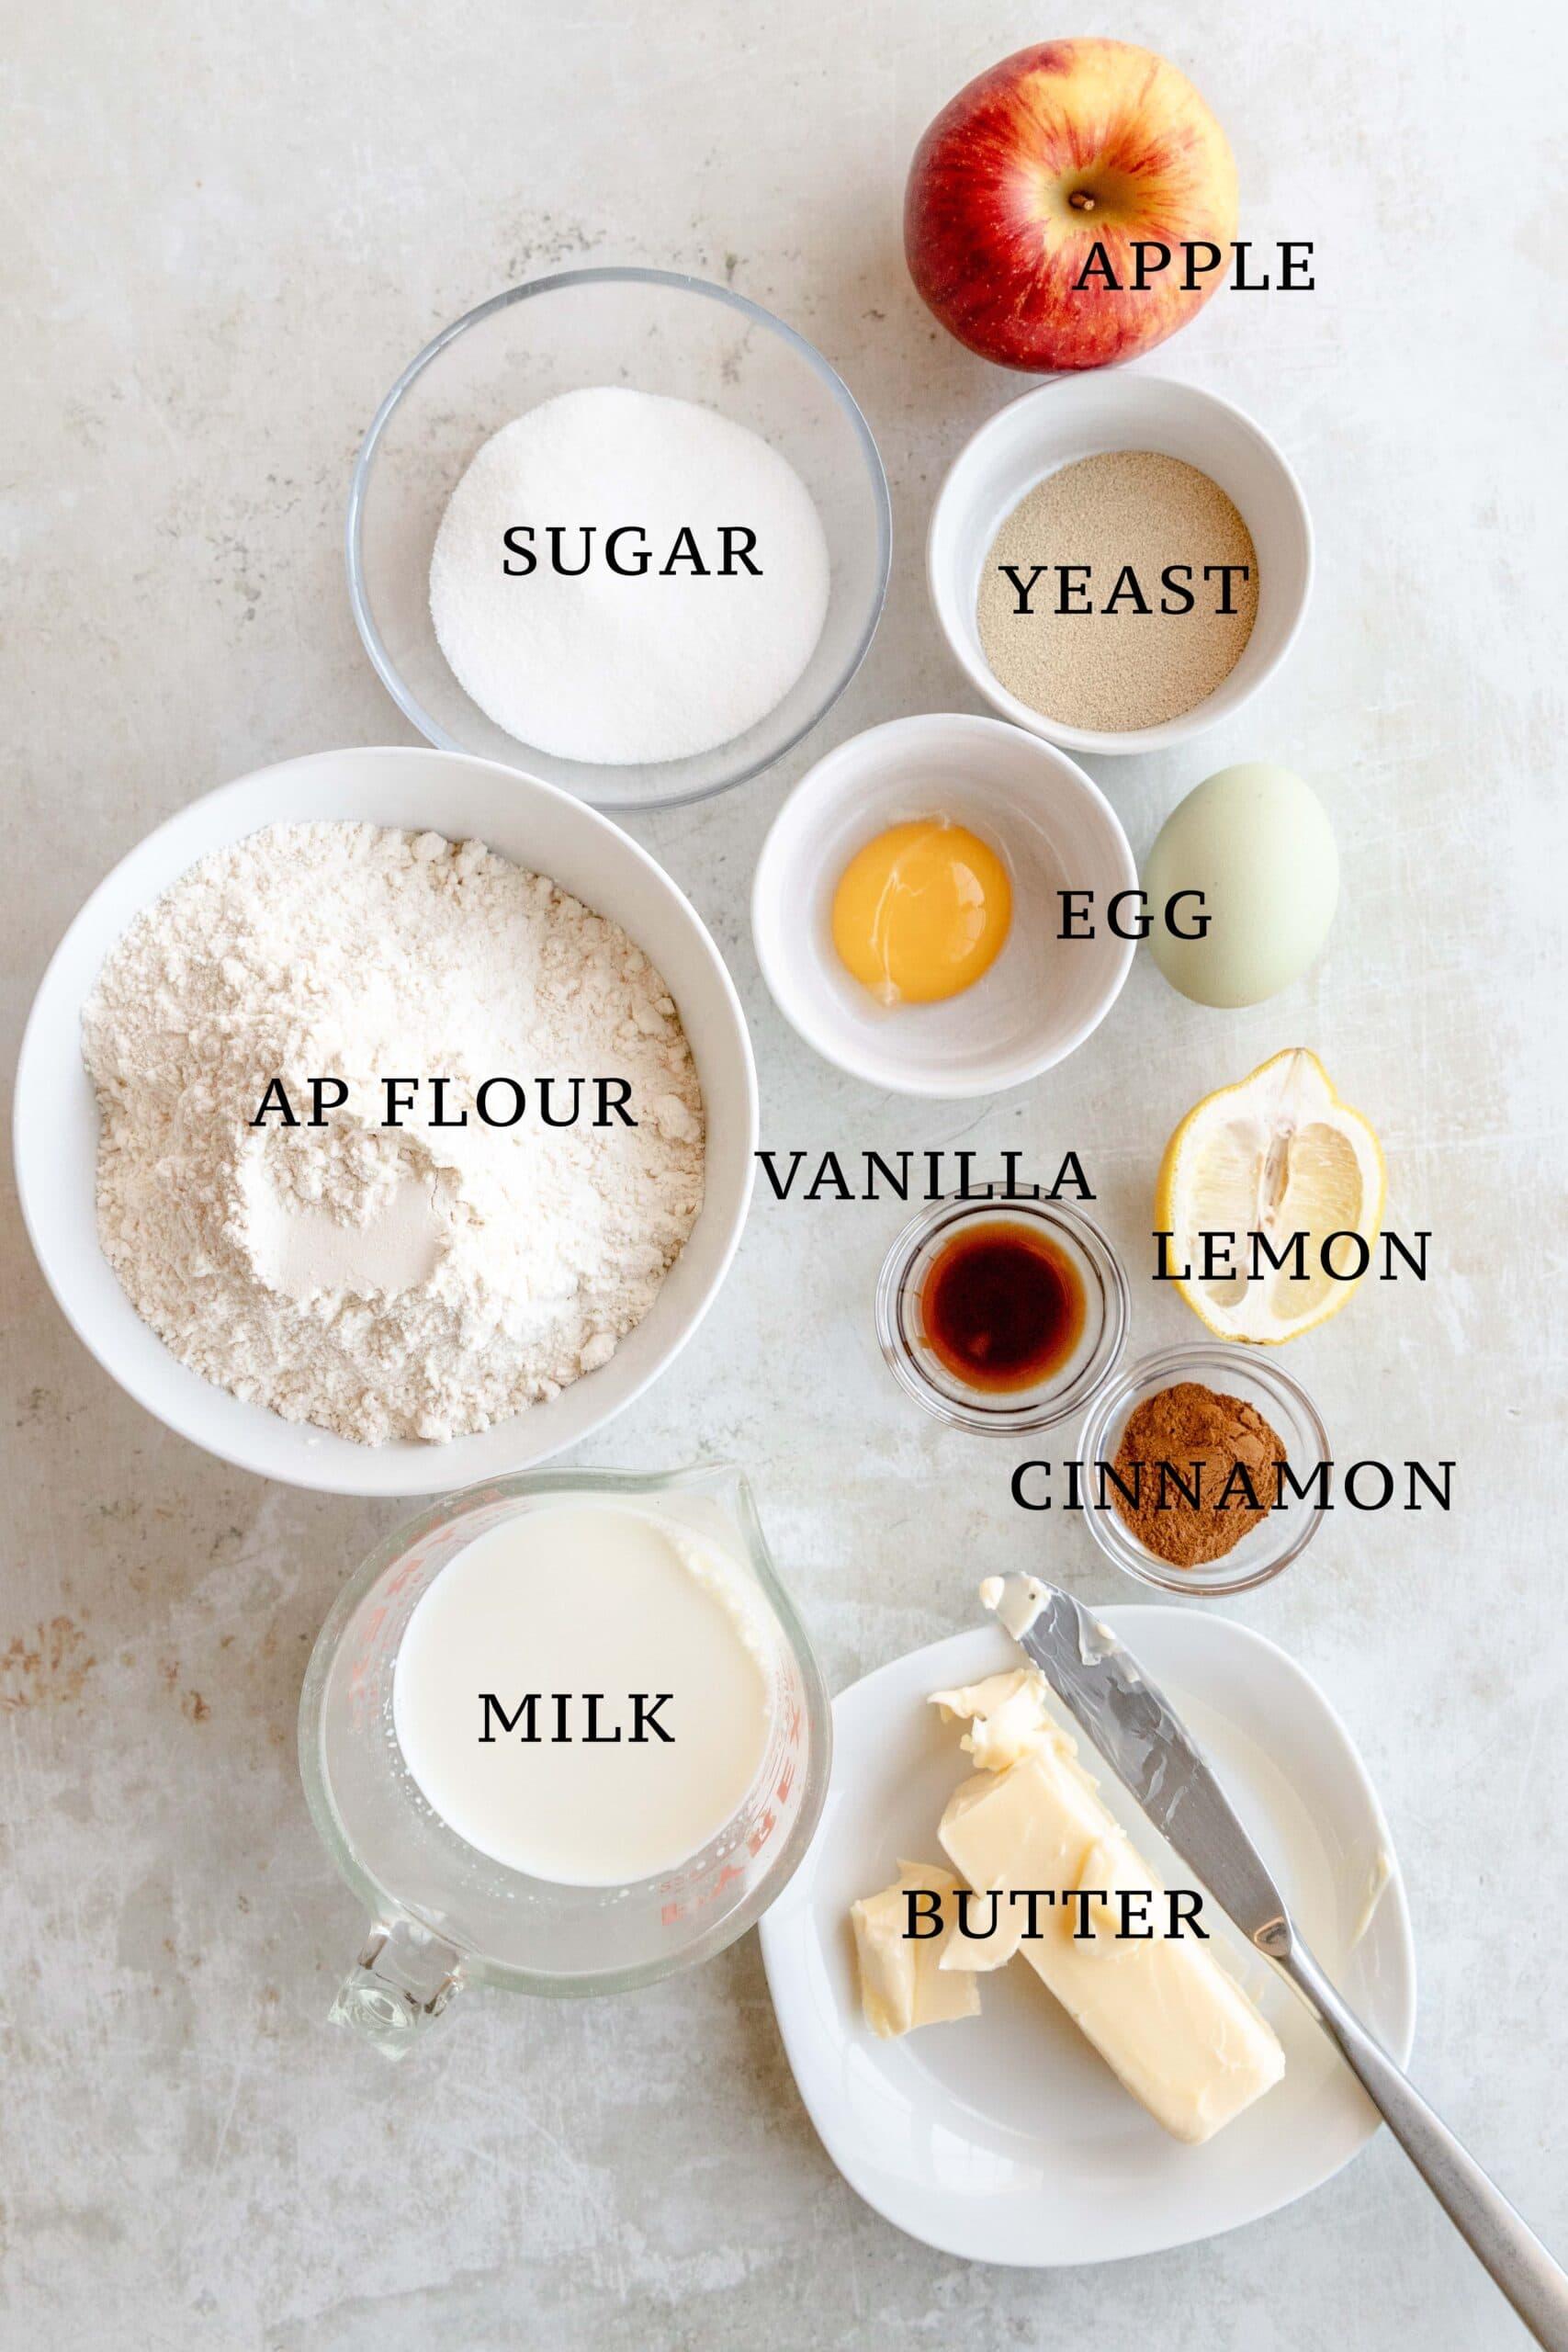 Ingredients needed for apfelschnecken.